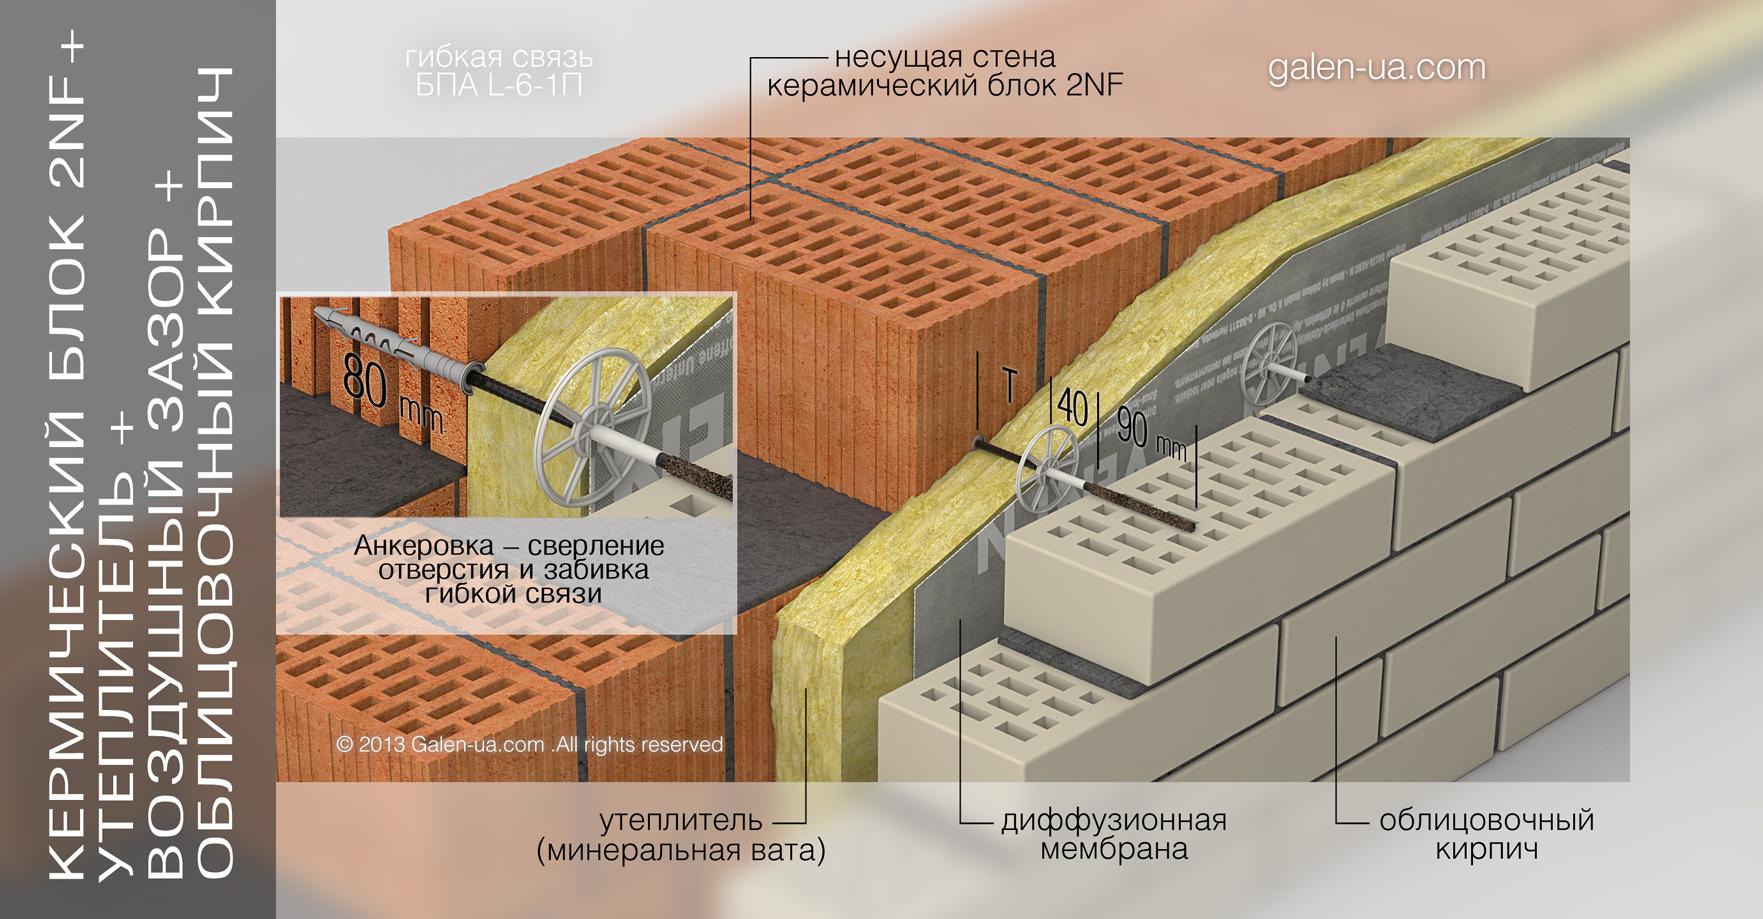 Гибкая связь БПА L-6-1П: Керамический блок 2NF + Утеплитель + Воздушный зазор + Облицовочный кирпич